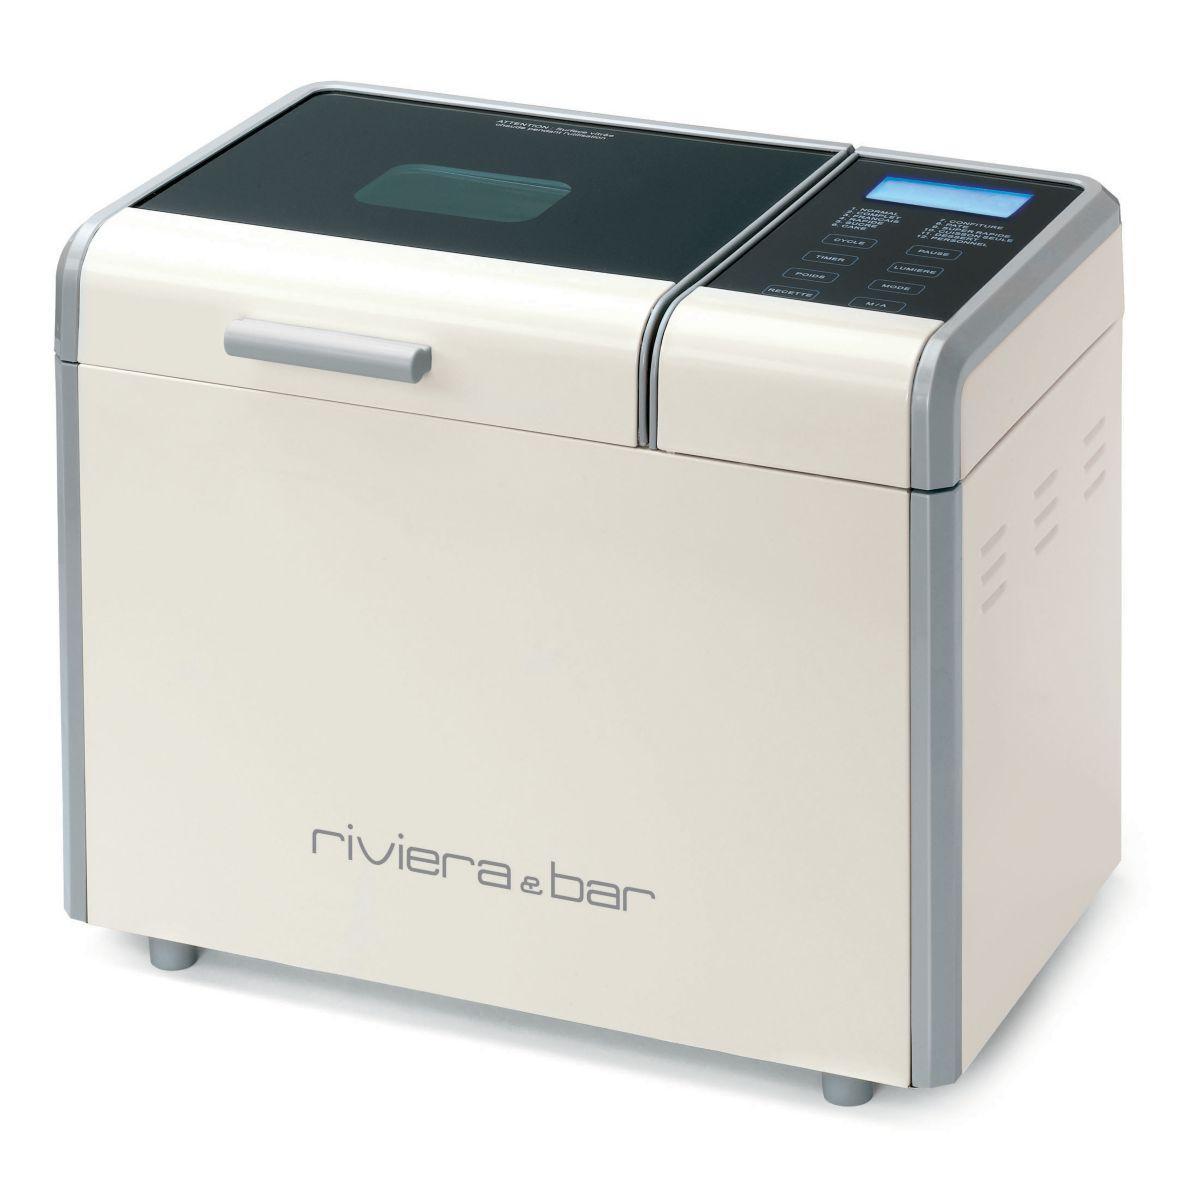 Machine � pain riviera et bar qd 782 a (blanc) (photo)